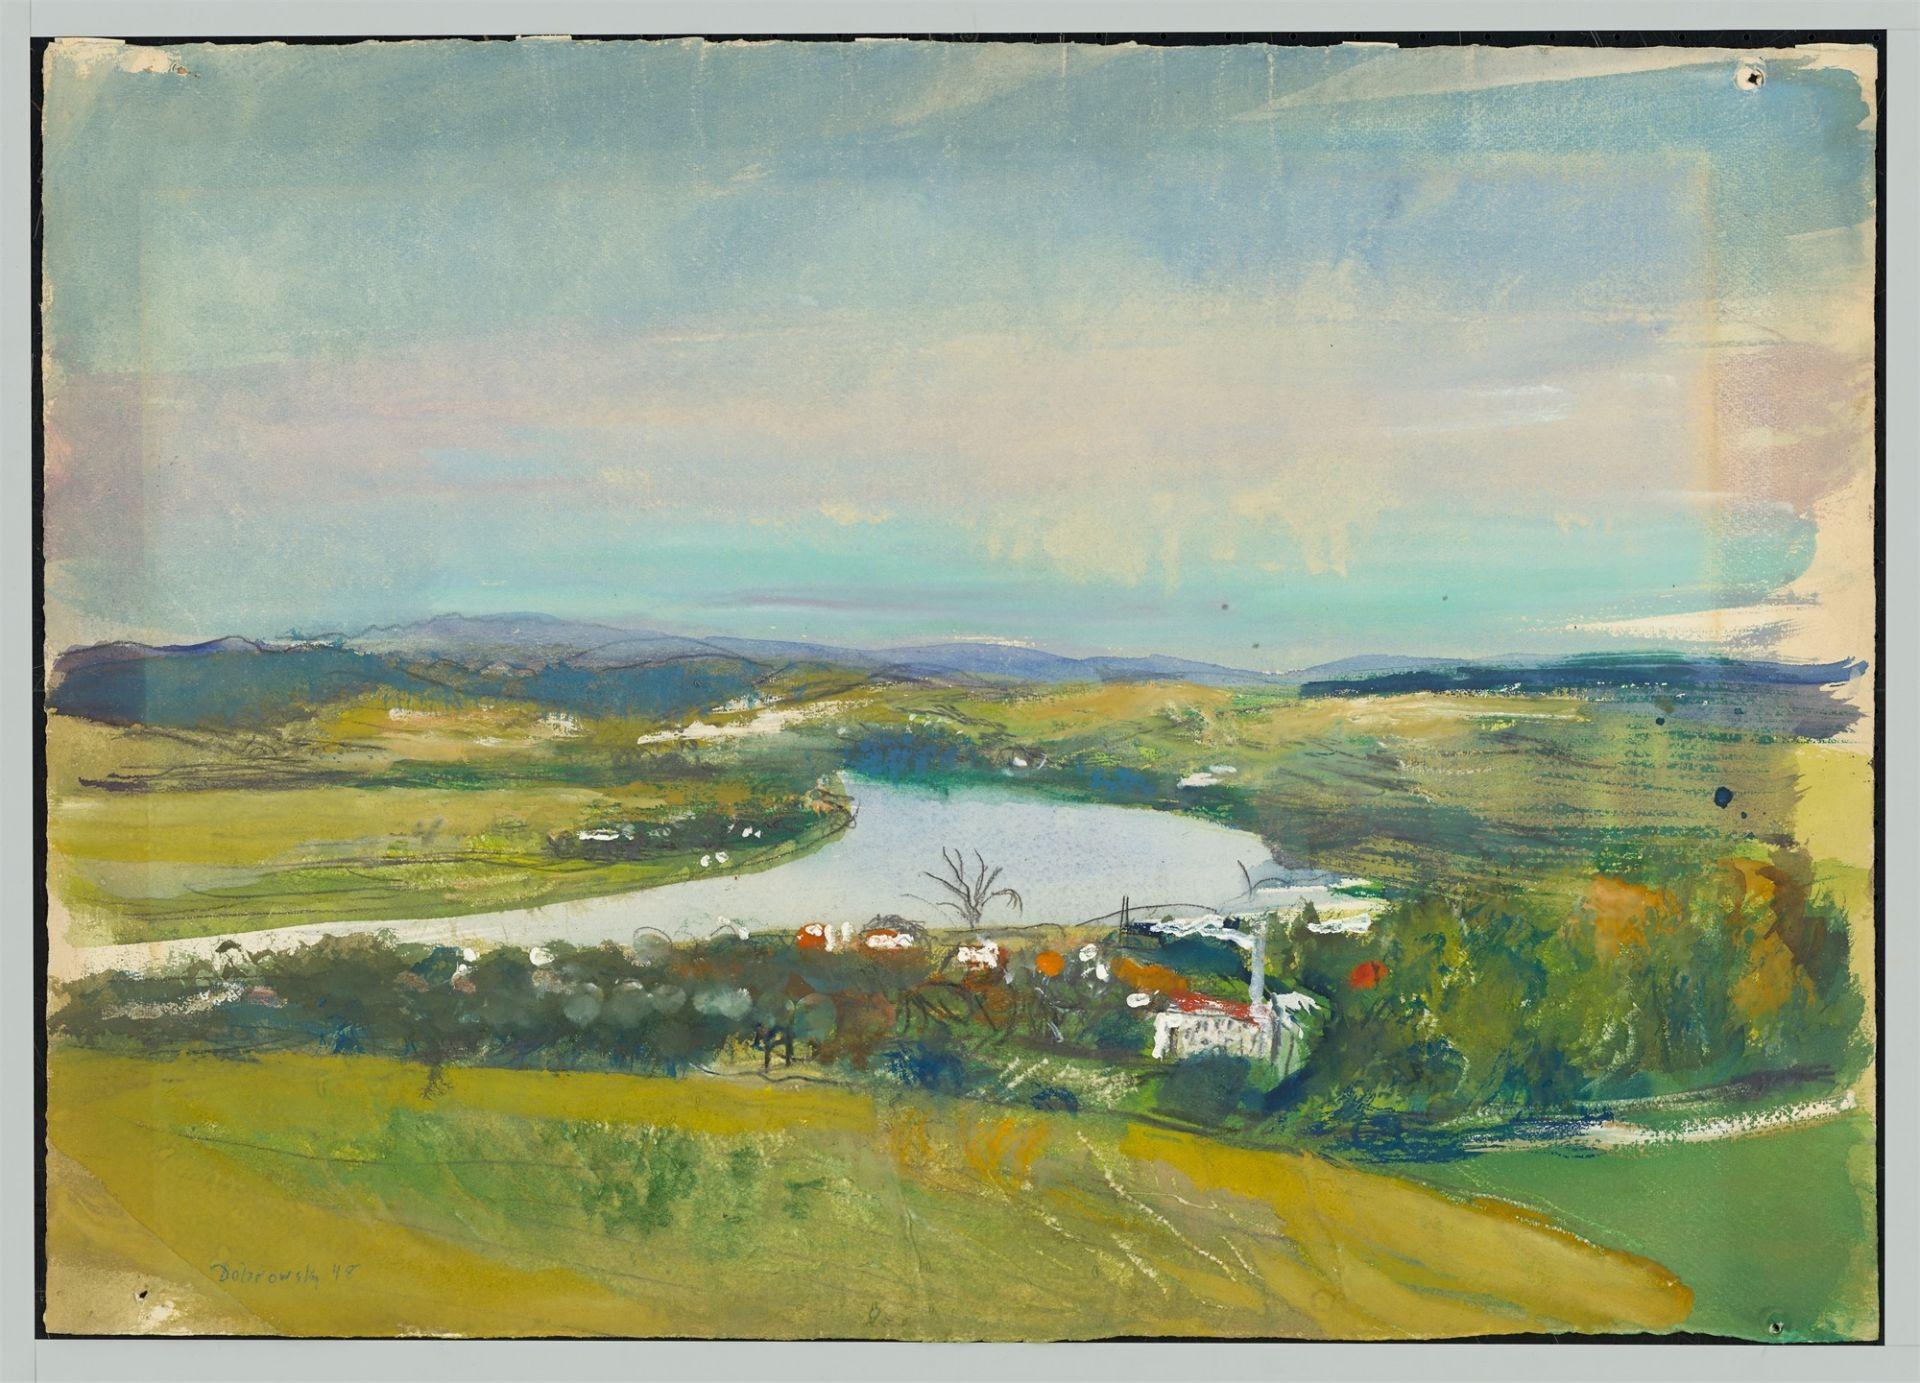 Josef Dobrowsky. River landscape. 1948 - Image 2 of 4